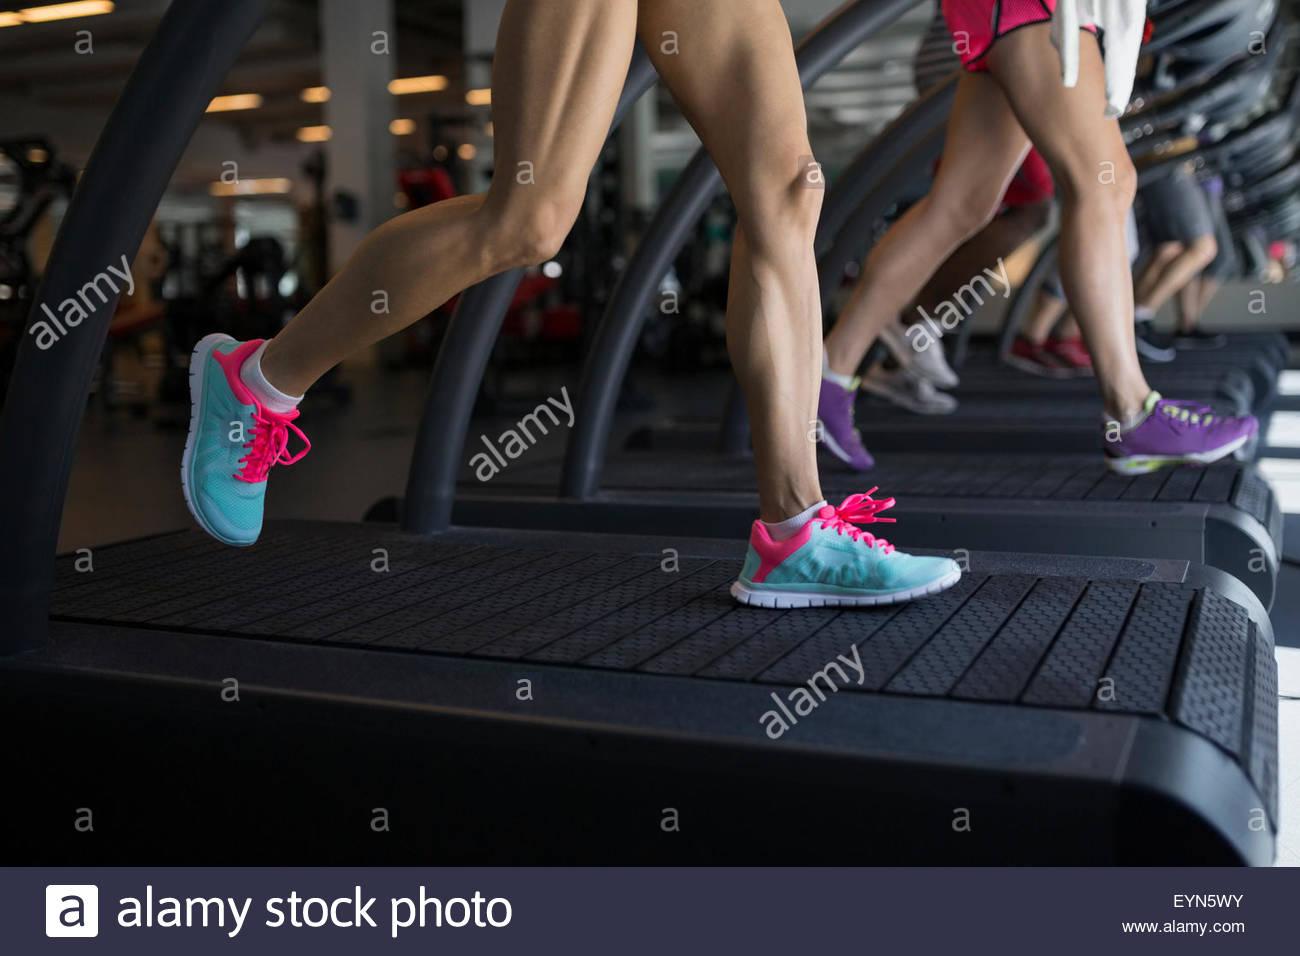 Las piernas de las mujeres corriendo en cintas de correr en el gimnasio Imagen De Stock